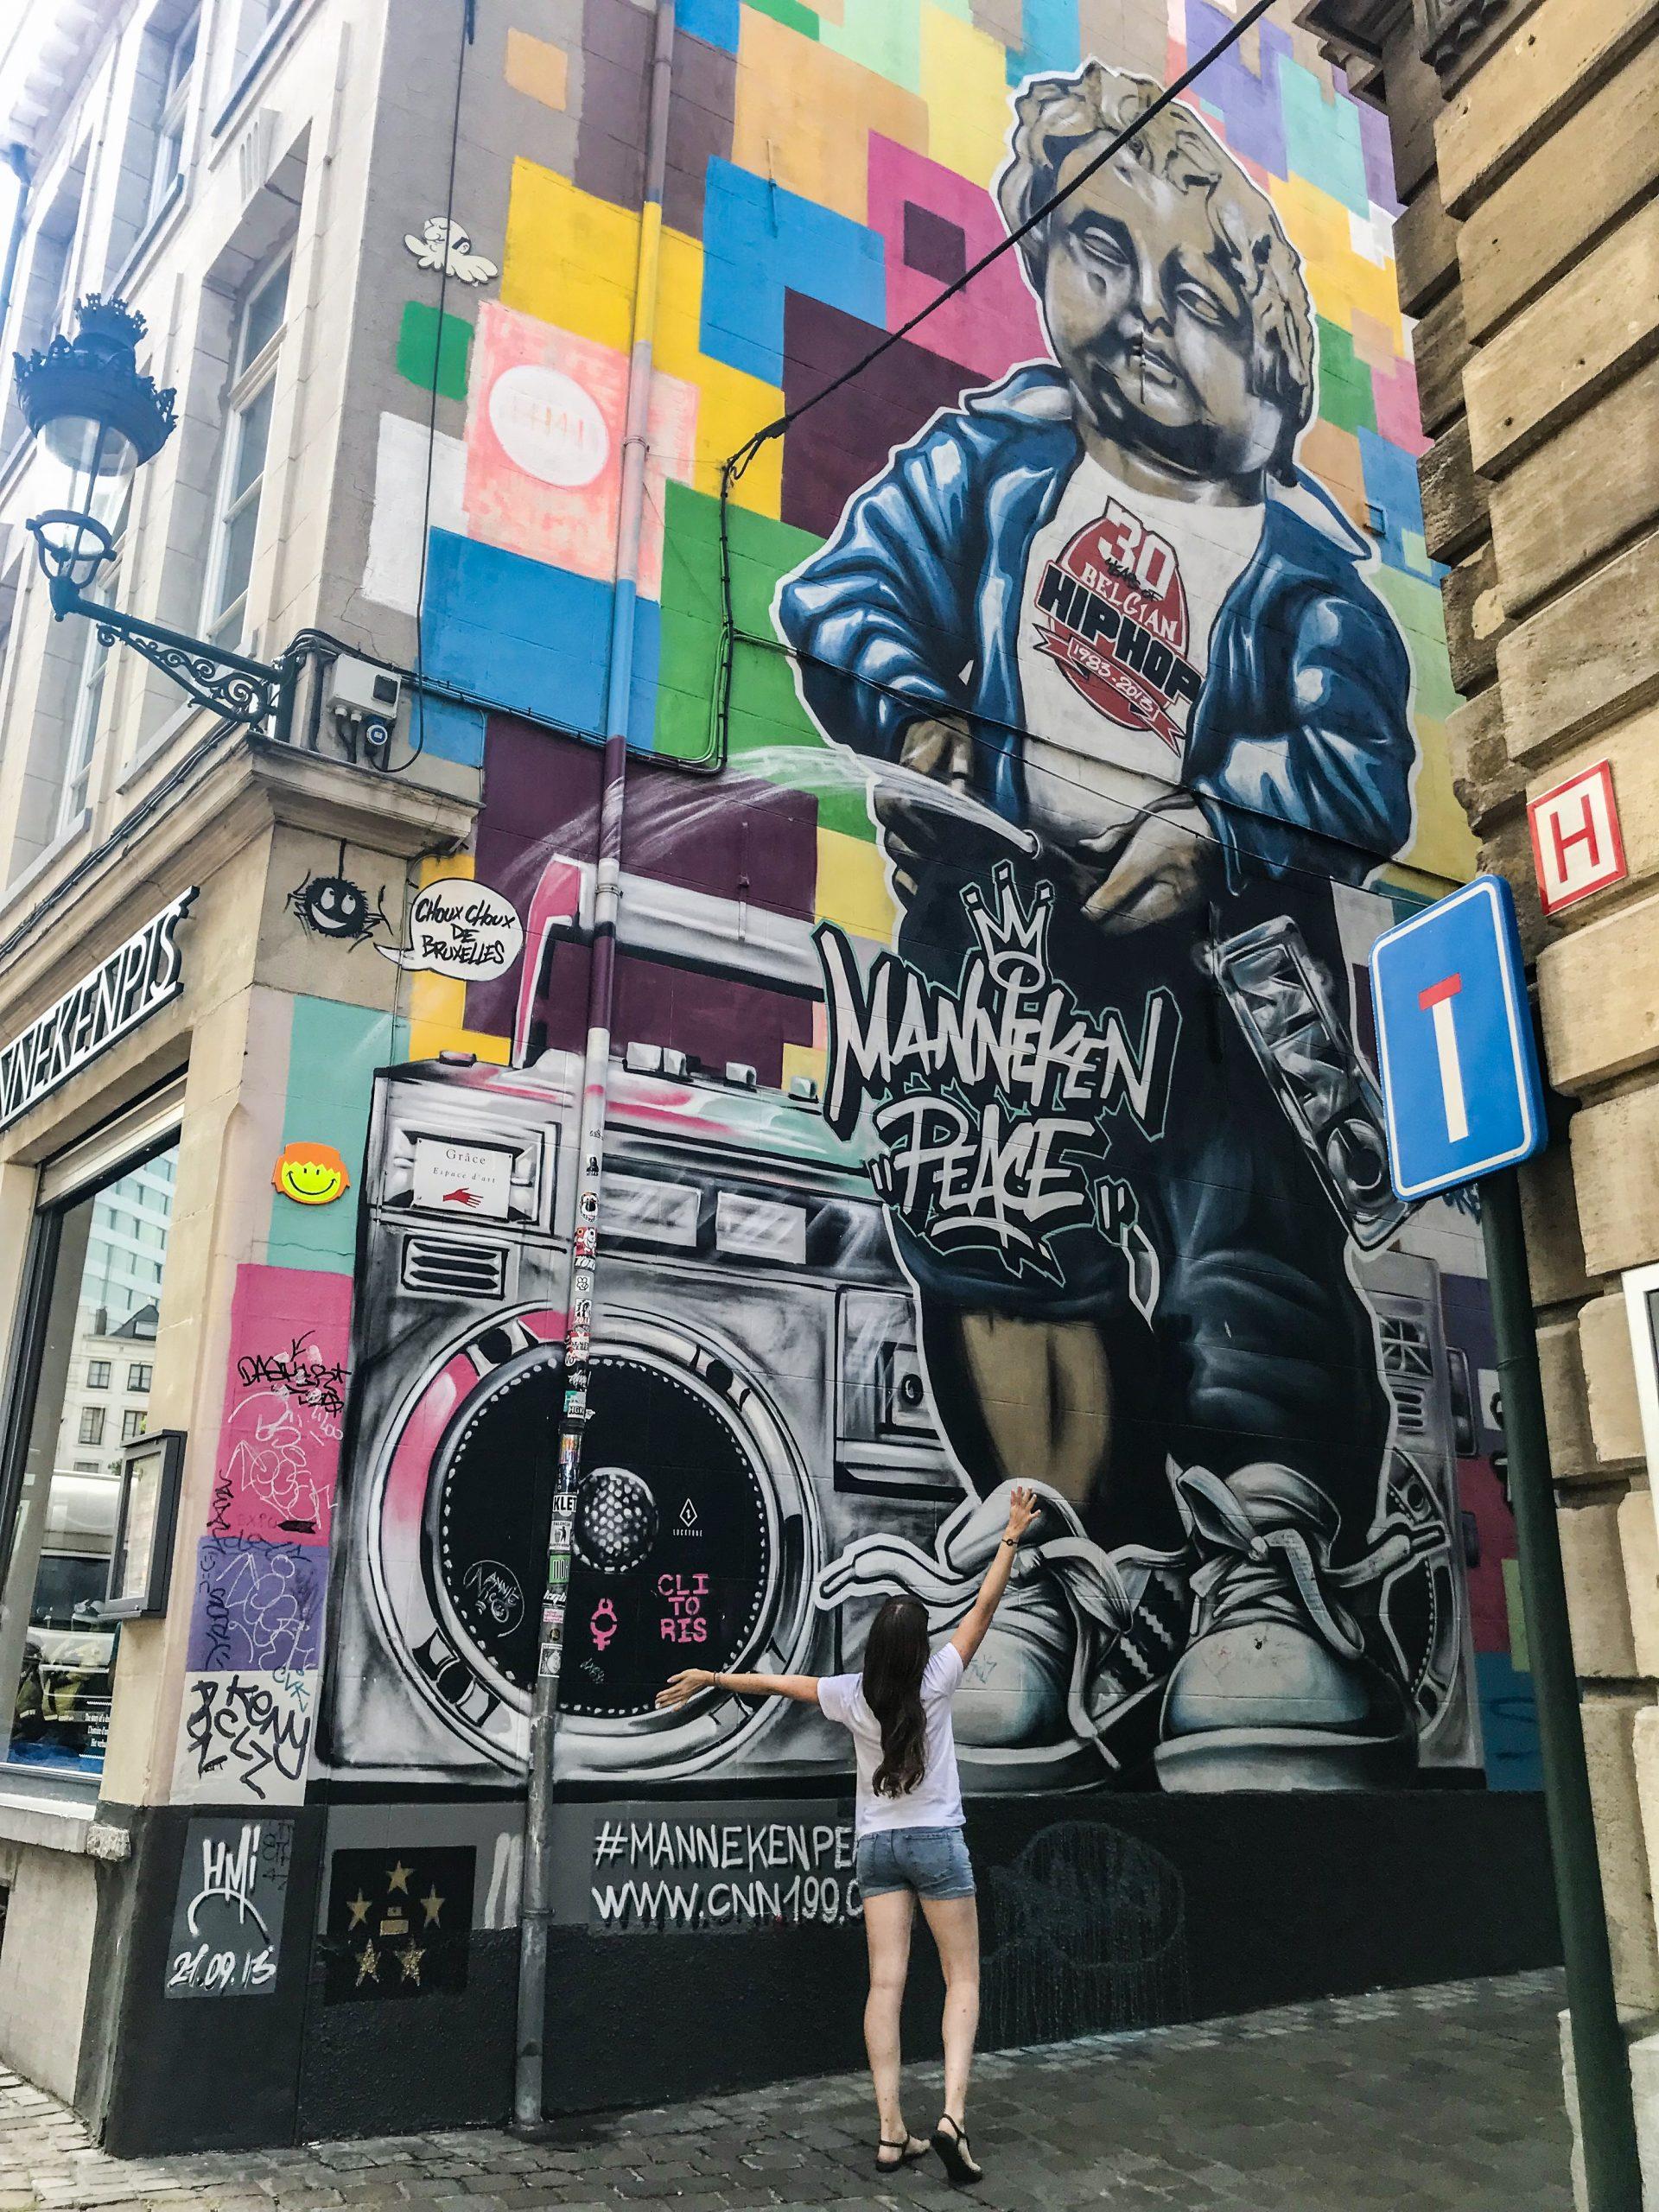 bruxelles manneken pis street art